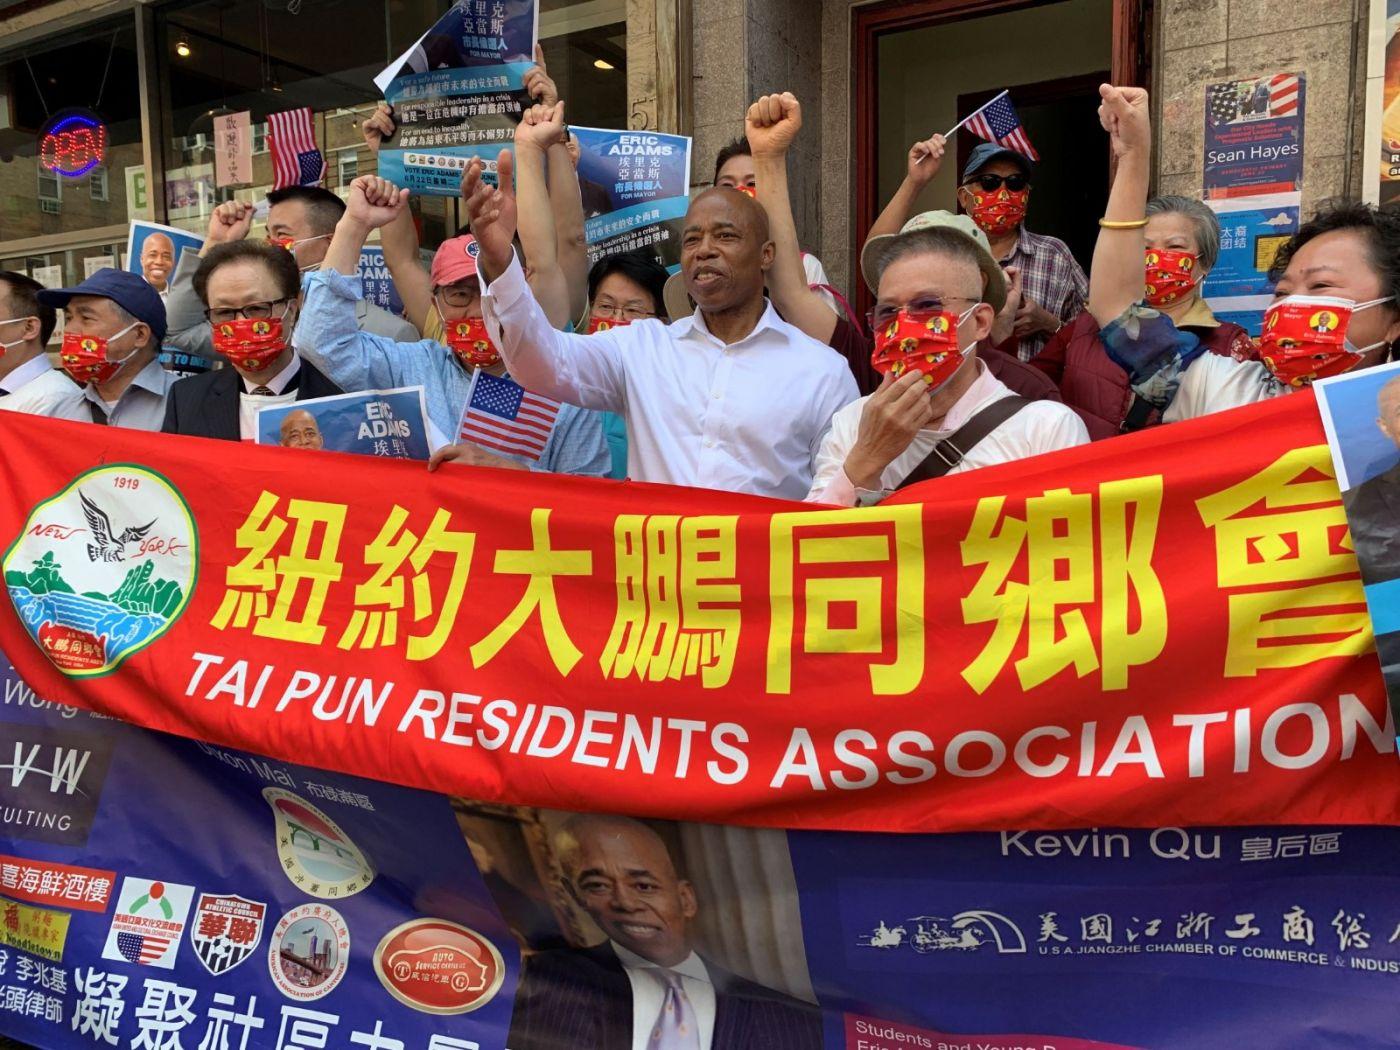 高娓娓:纽约市长竞选人亚当斯拜访唐人街社区民众_图1-9